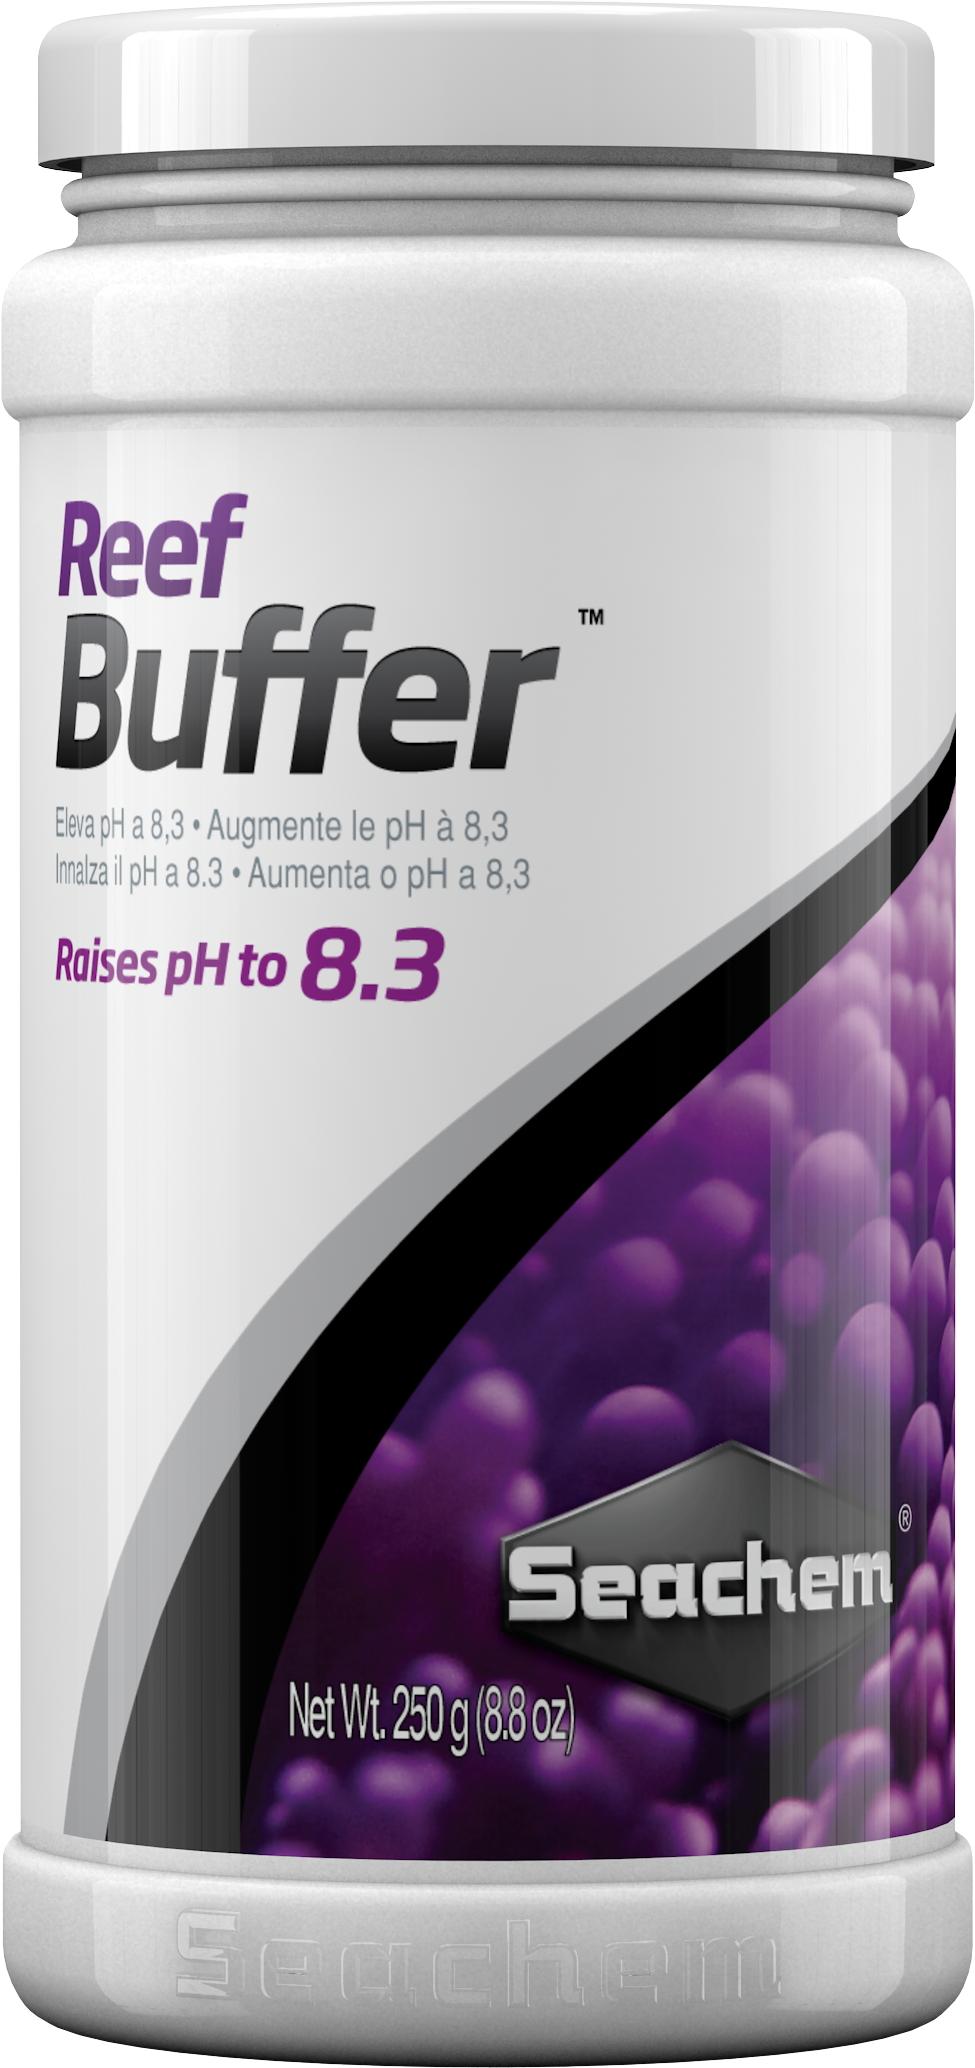 SEACHEM Reef Buffer 250 gr. stabilise le pH à 8.3 en aquarium récifal